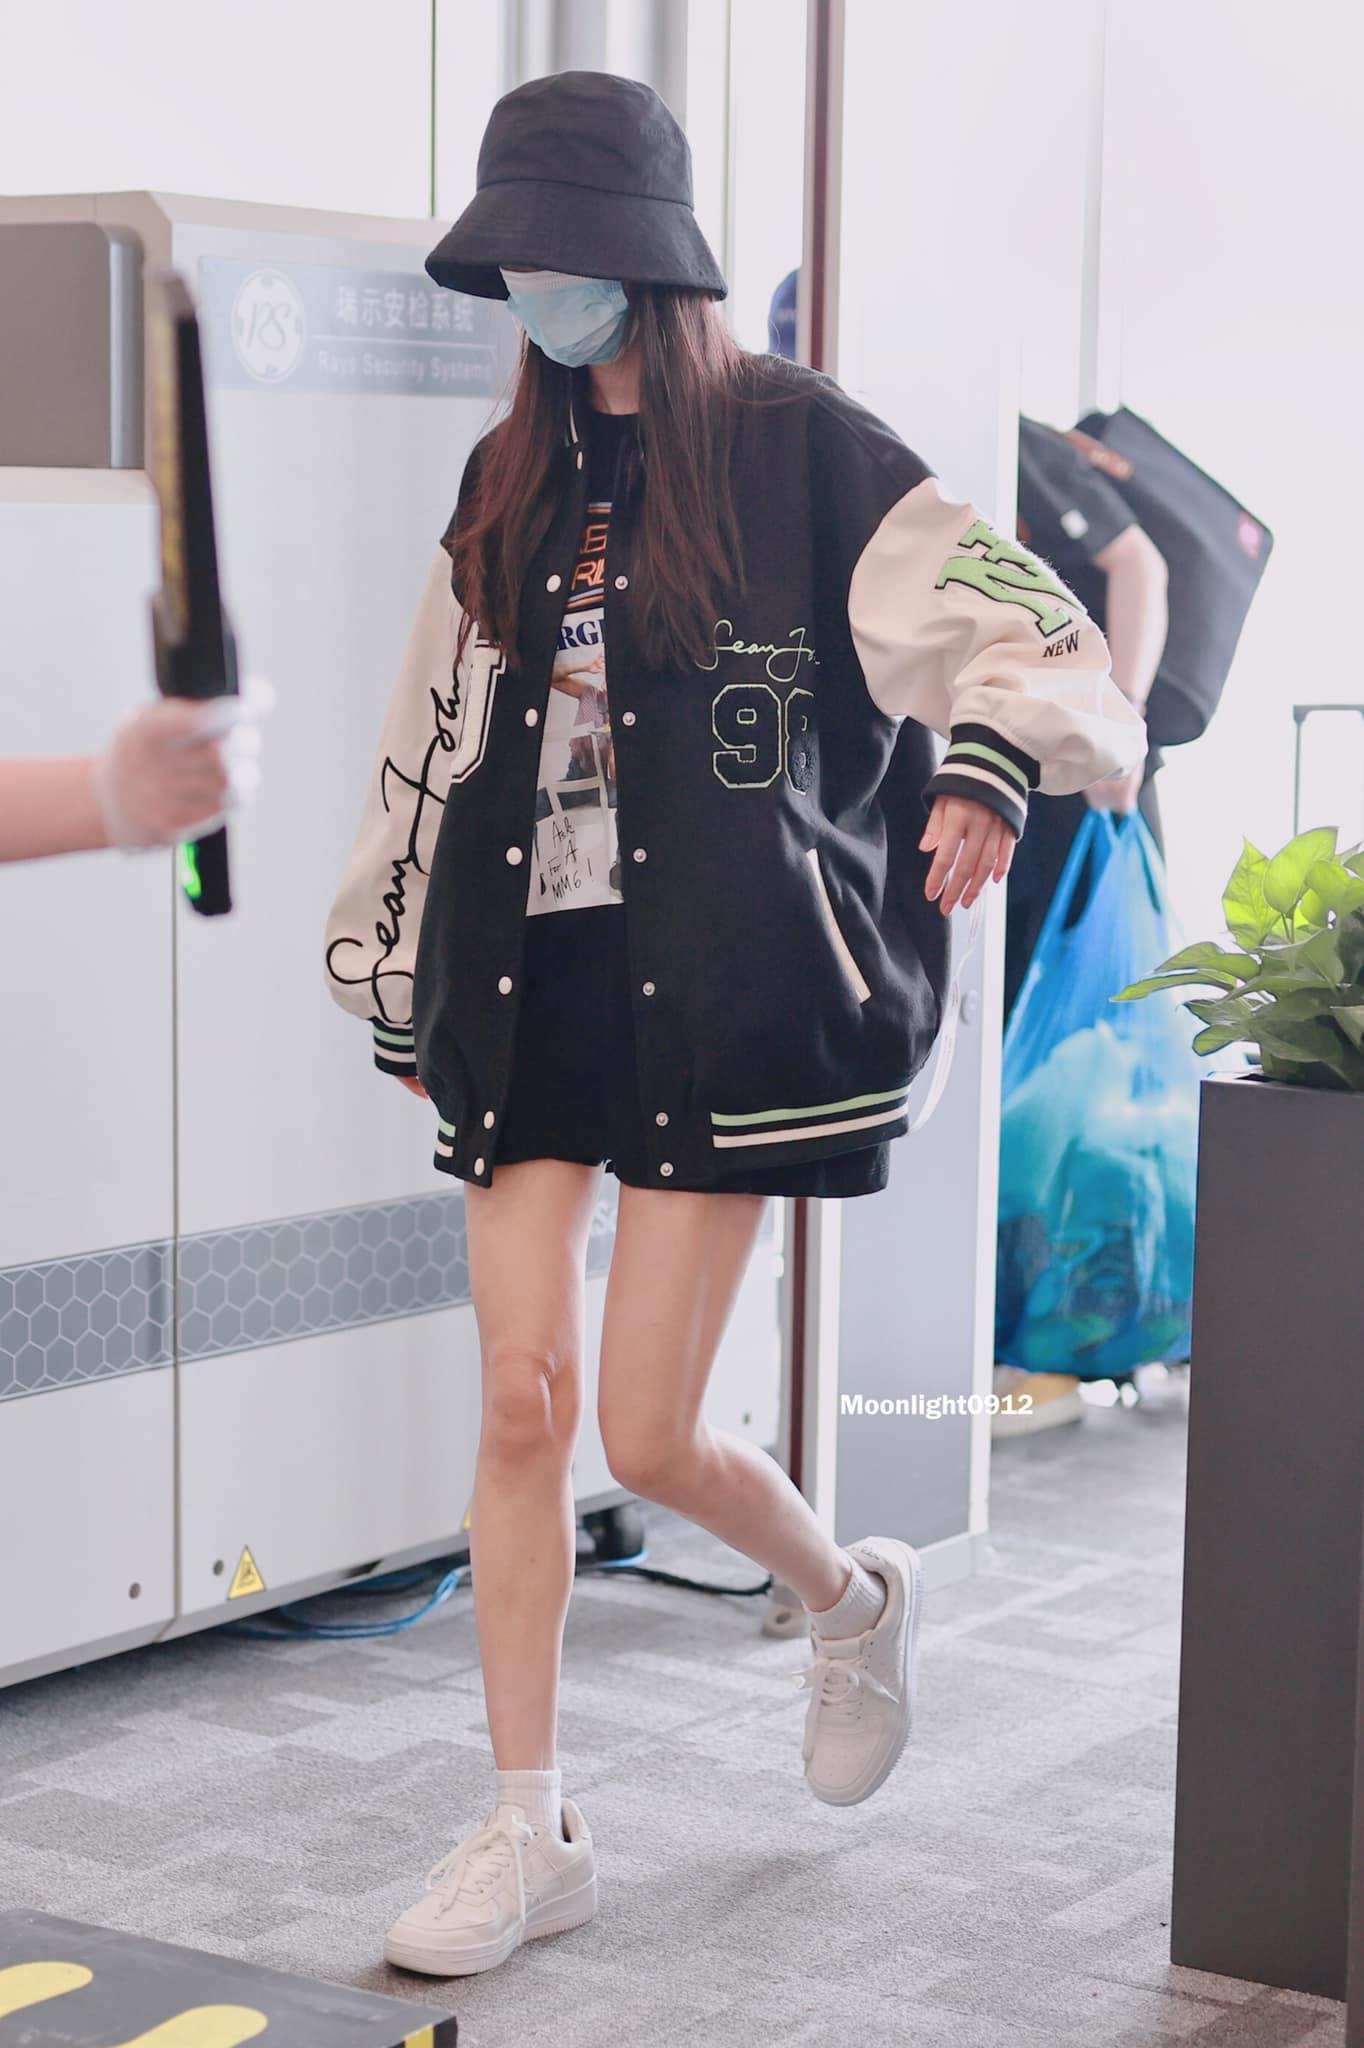 Nhiều năm nay, Dương Mịch vẫn được mệnh danh là nữ hoàng sân bay của Cbiz. Mỗi khi xuất hiện ở phi trường, nữ diễn viên luôn khoe những set đồ đẹp mắt và thời thượng.